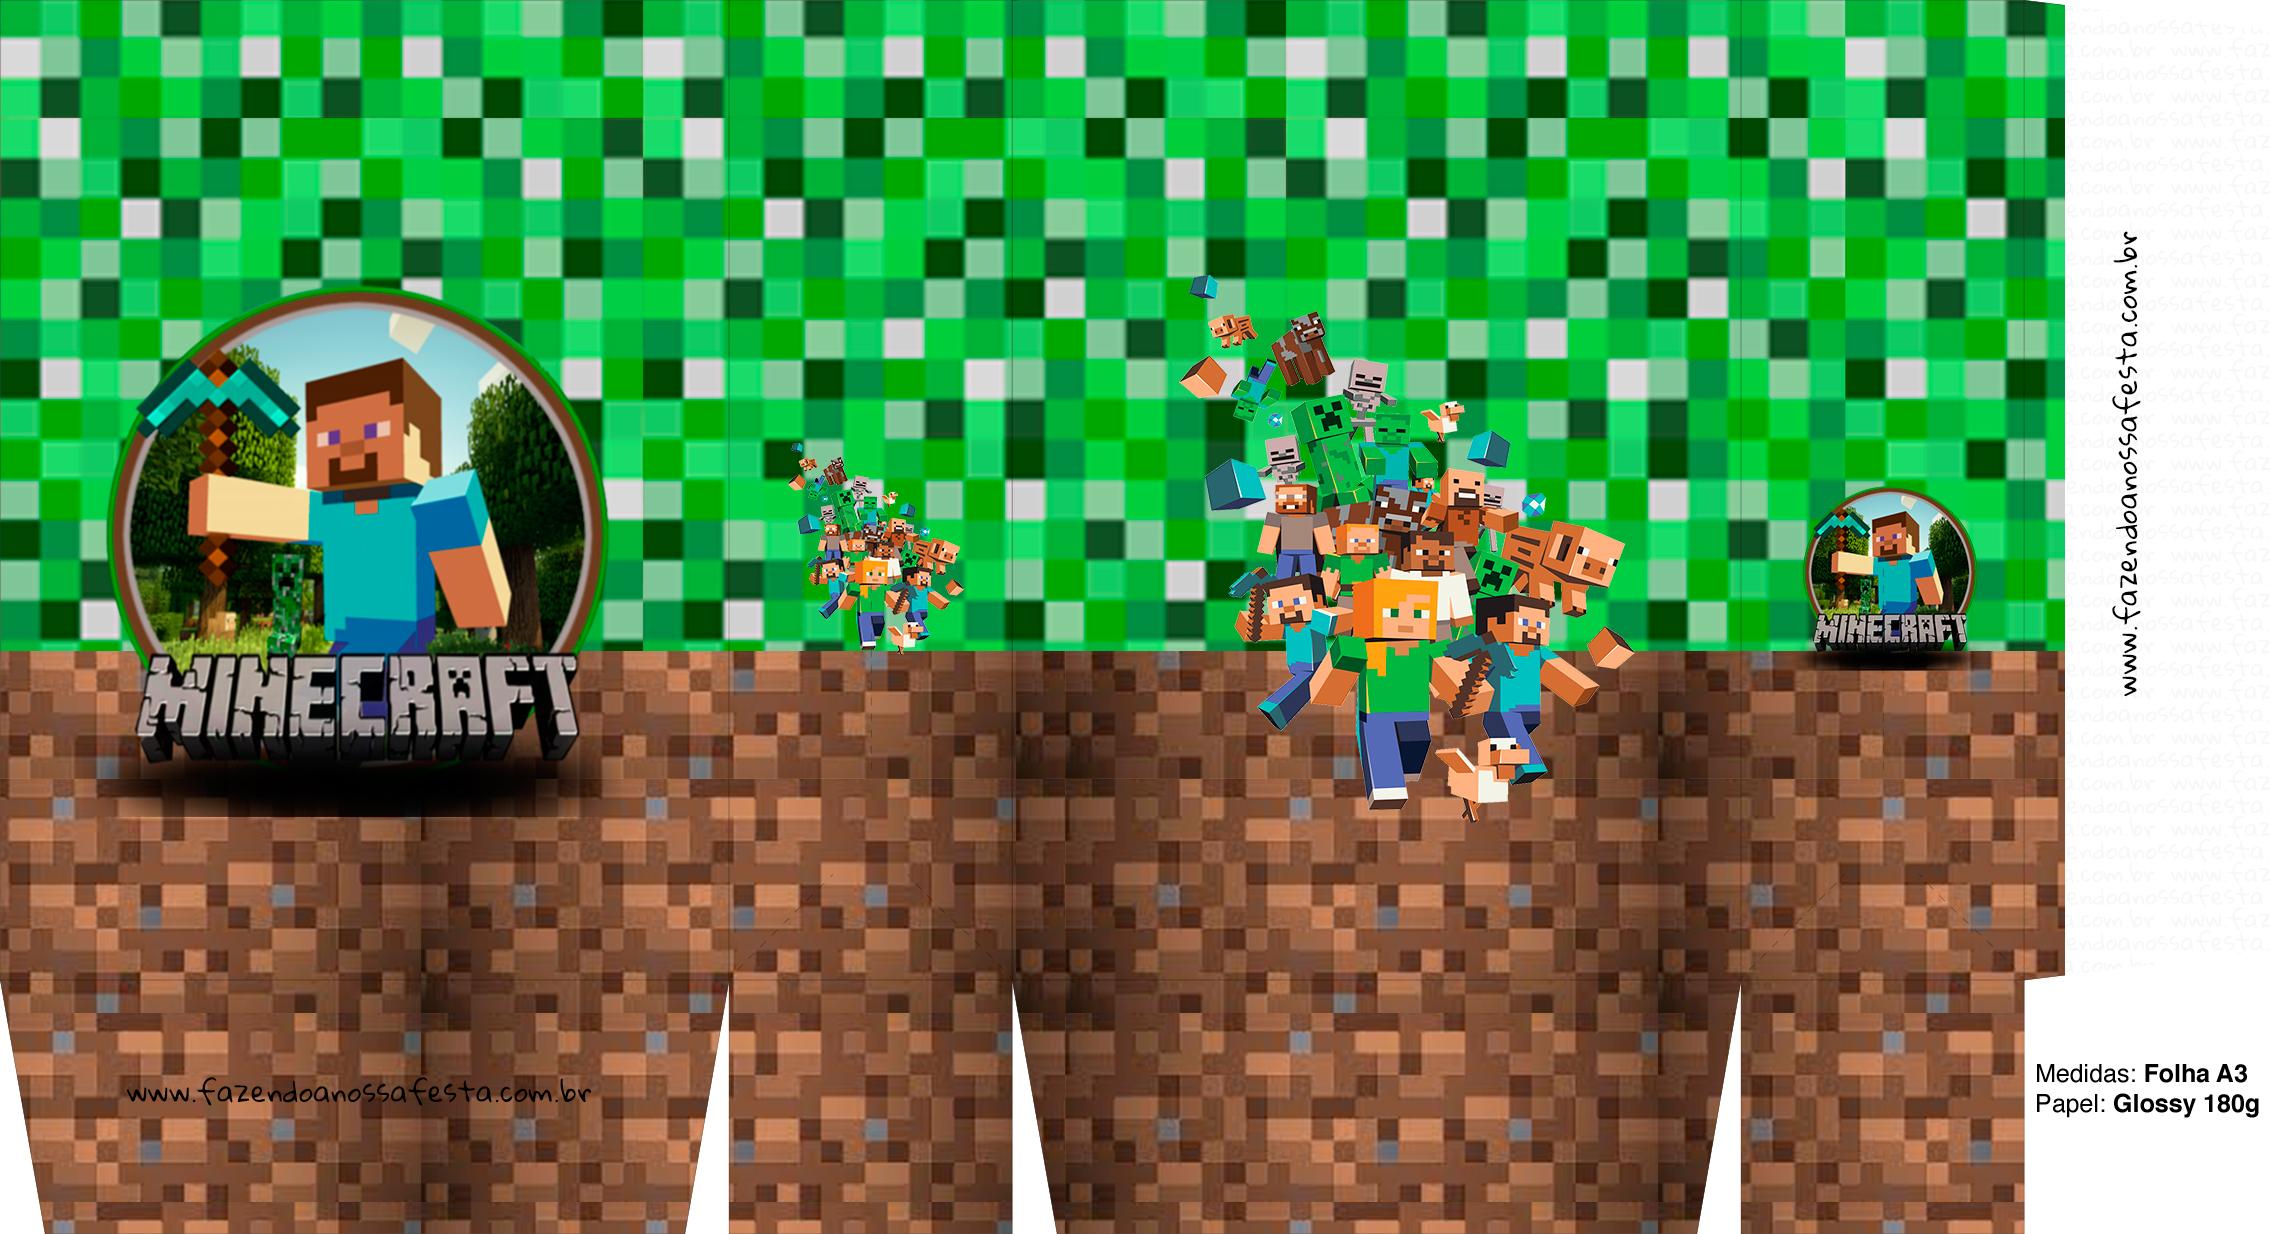 Letras Minegraft Fazendo A Nossa Festa: Sacolinha Surpresa Minecraft A3